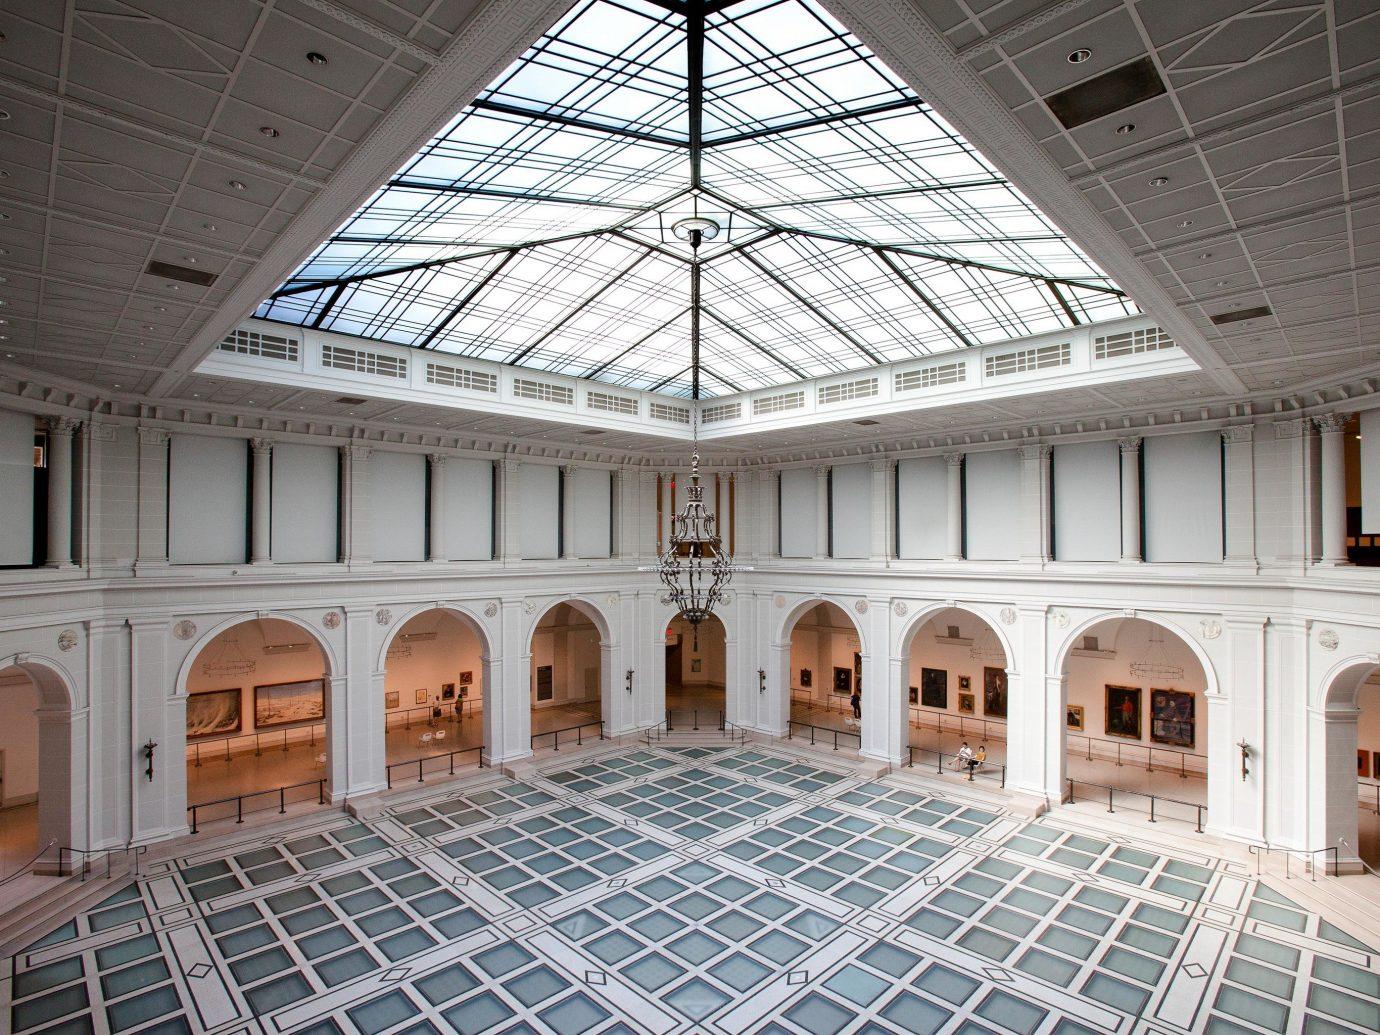 Interior atrium at Brooklyn Museum